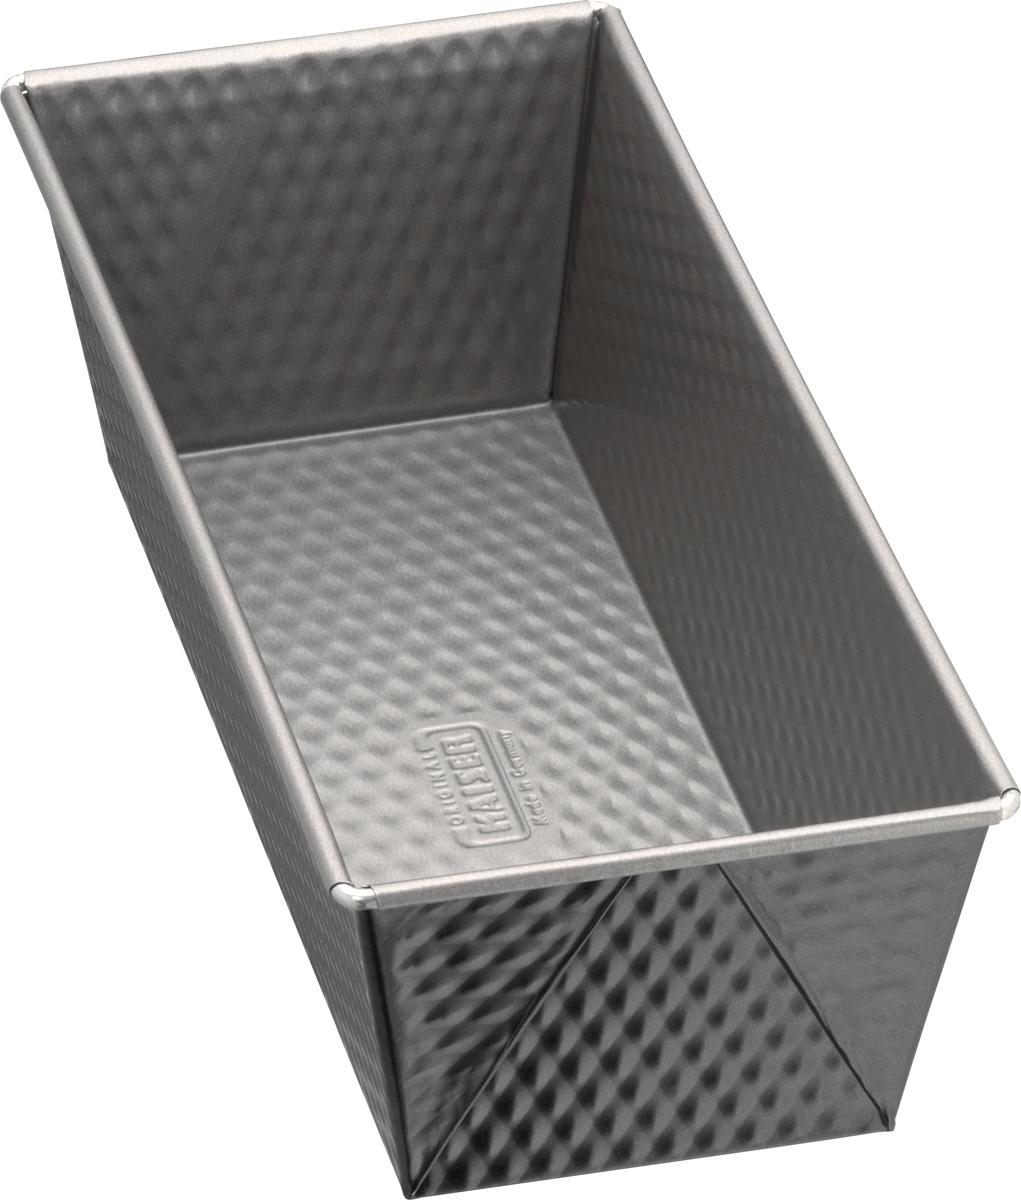 Форма для выпечки кекса Kaiser Inspiration, с антипригарным покрытием, прямоугольная, длина 25 см форма для выпечки taller прямоугольная с антипригарным покрытием 36 5 х 23 см